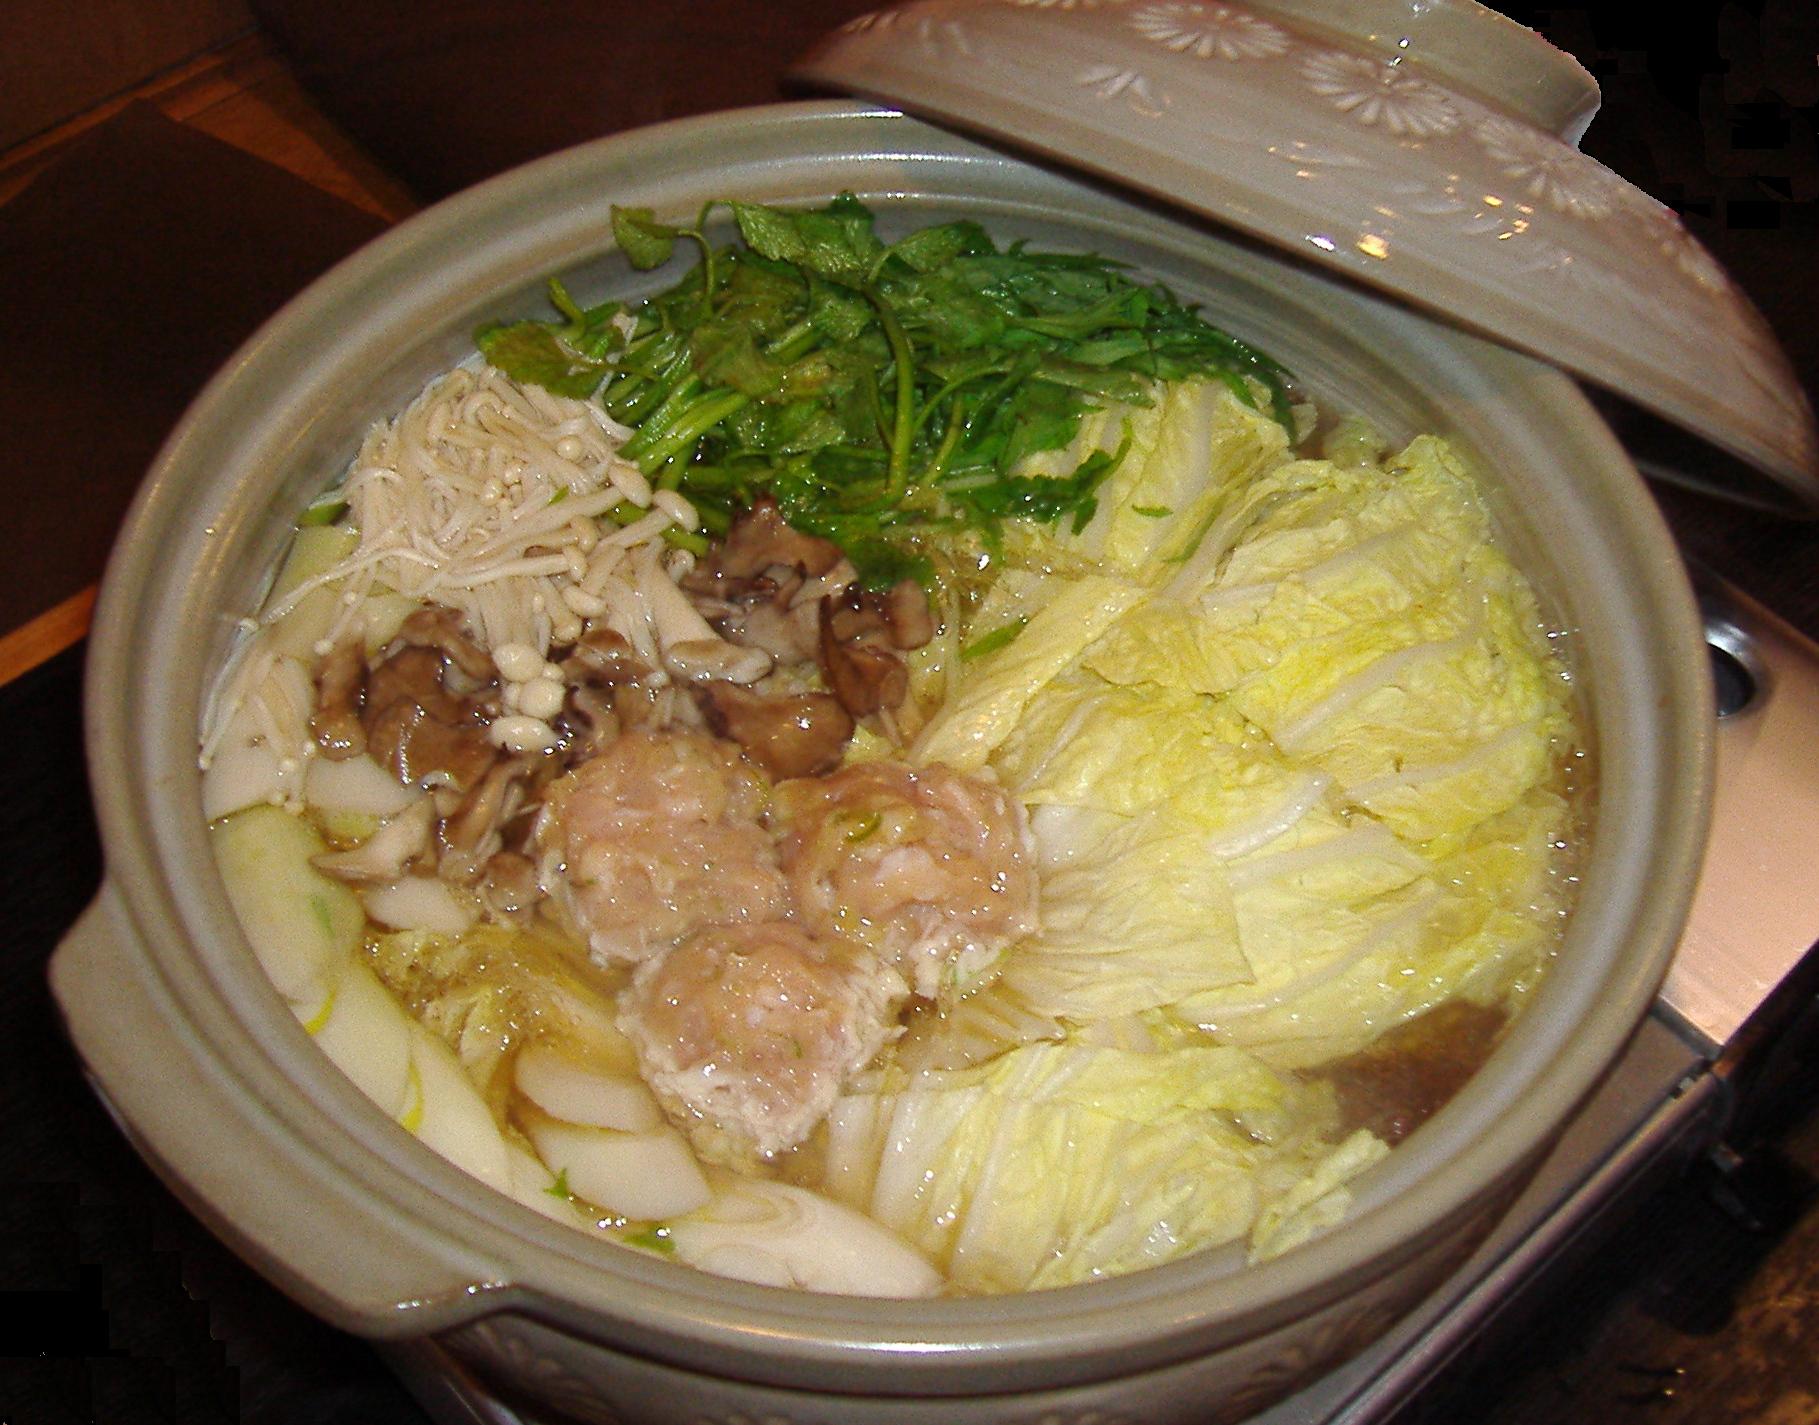 これからの季節にオススメのあったまぁ~る寄せ鍋レシピ5選!のサムネイル画像